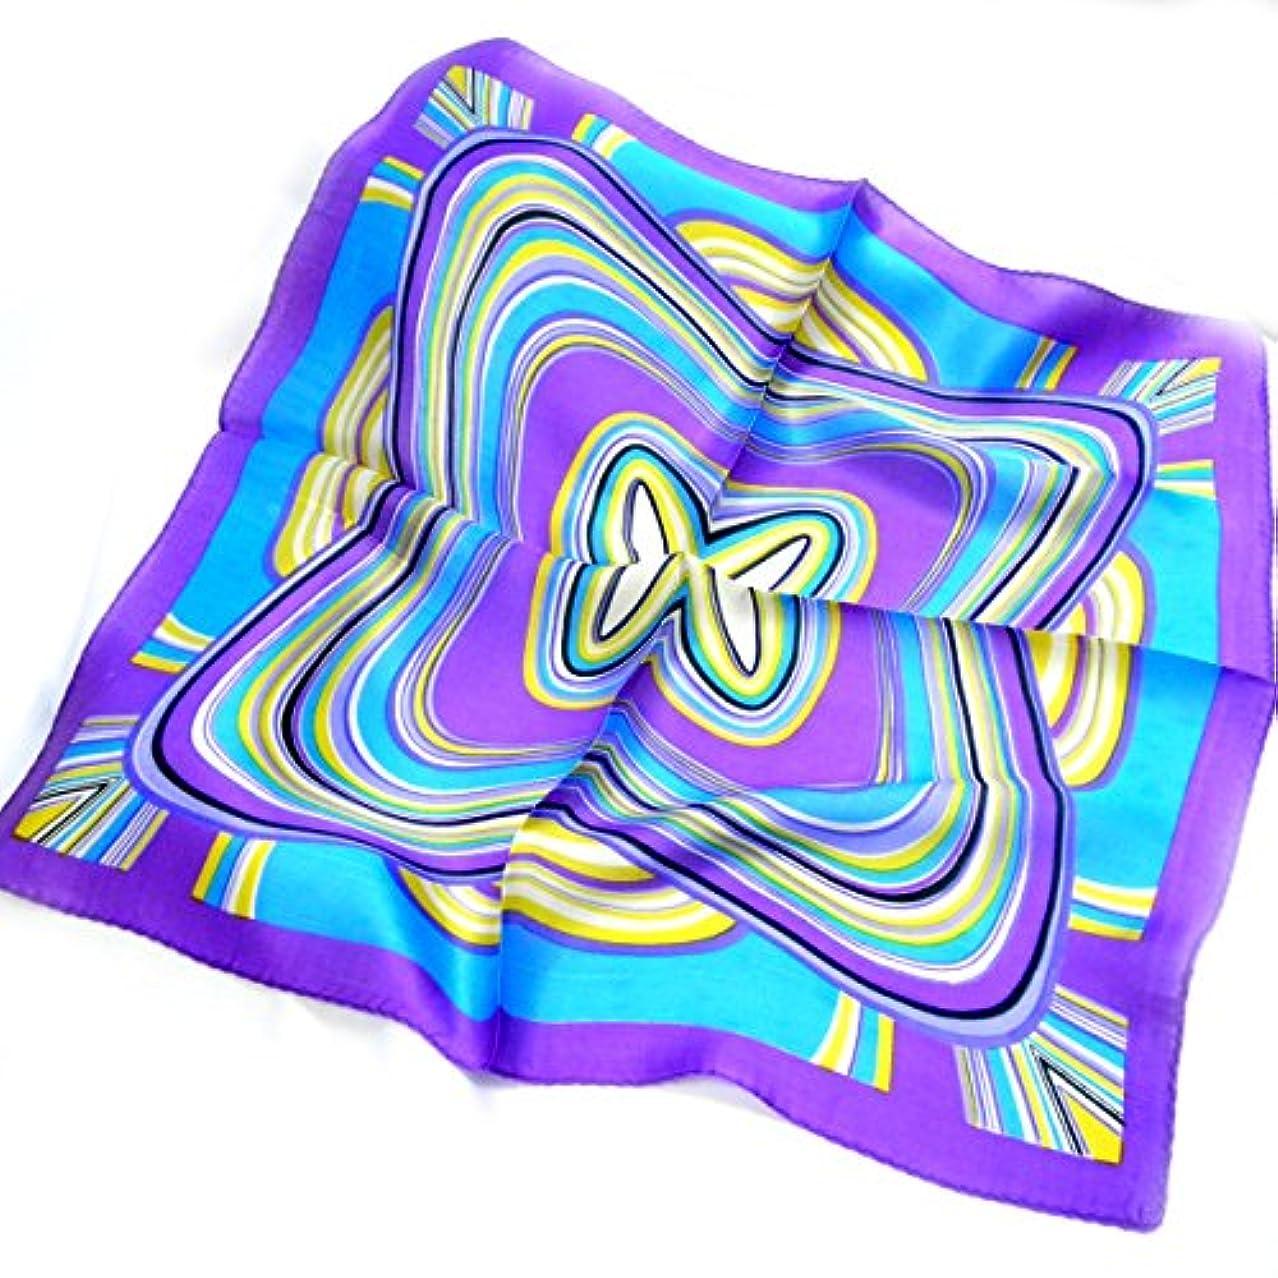 みすぼらしいトリッキーアーサーコナンドイルシルクスカーフ ネッカチーフサイズ 約50cm正方形 プッチ柄やマーブル柄好きに サイケデリックな派手柄 くっきりパープル色